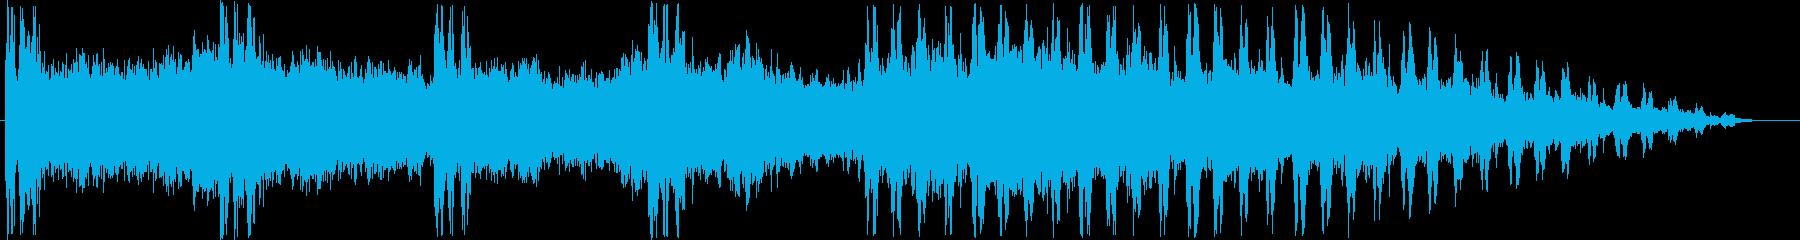 伸びやかなリラクゼーションミュージックの再生済みの波形